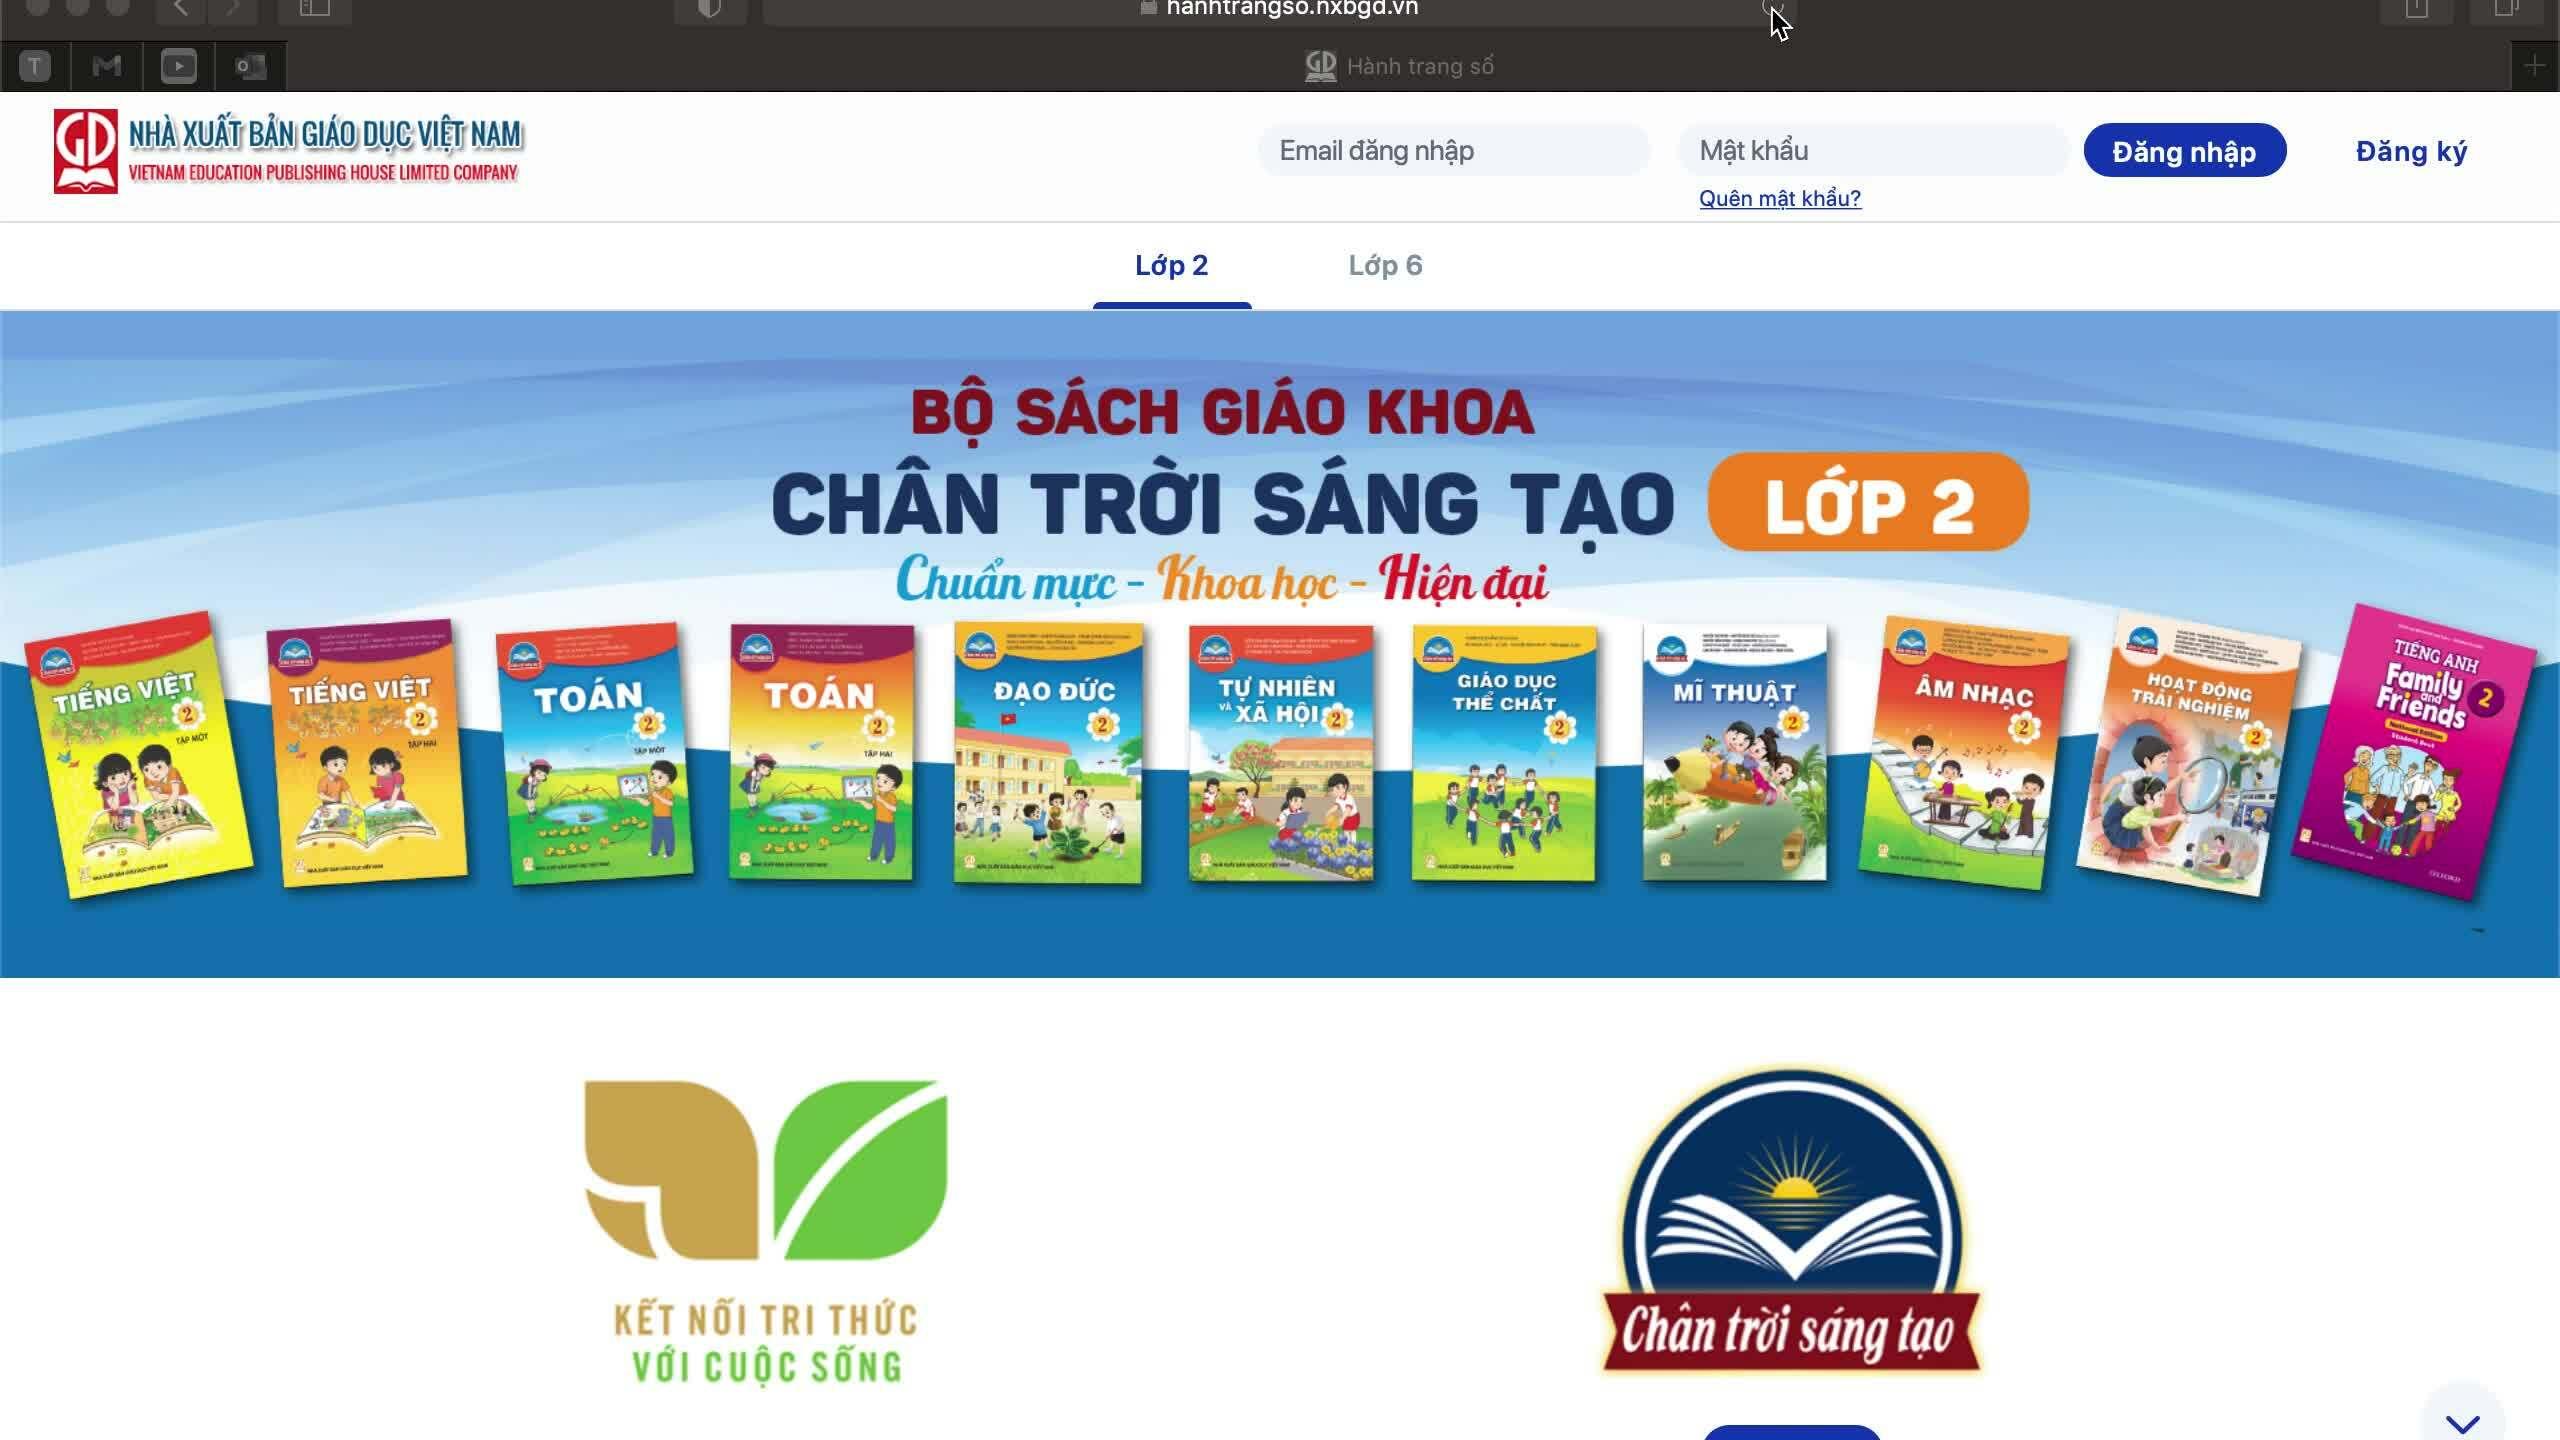 Sách giáo khoa online miễn phí cho học sinh